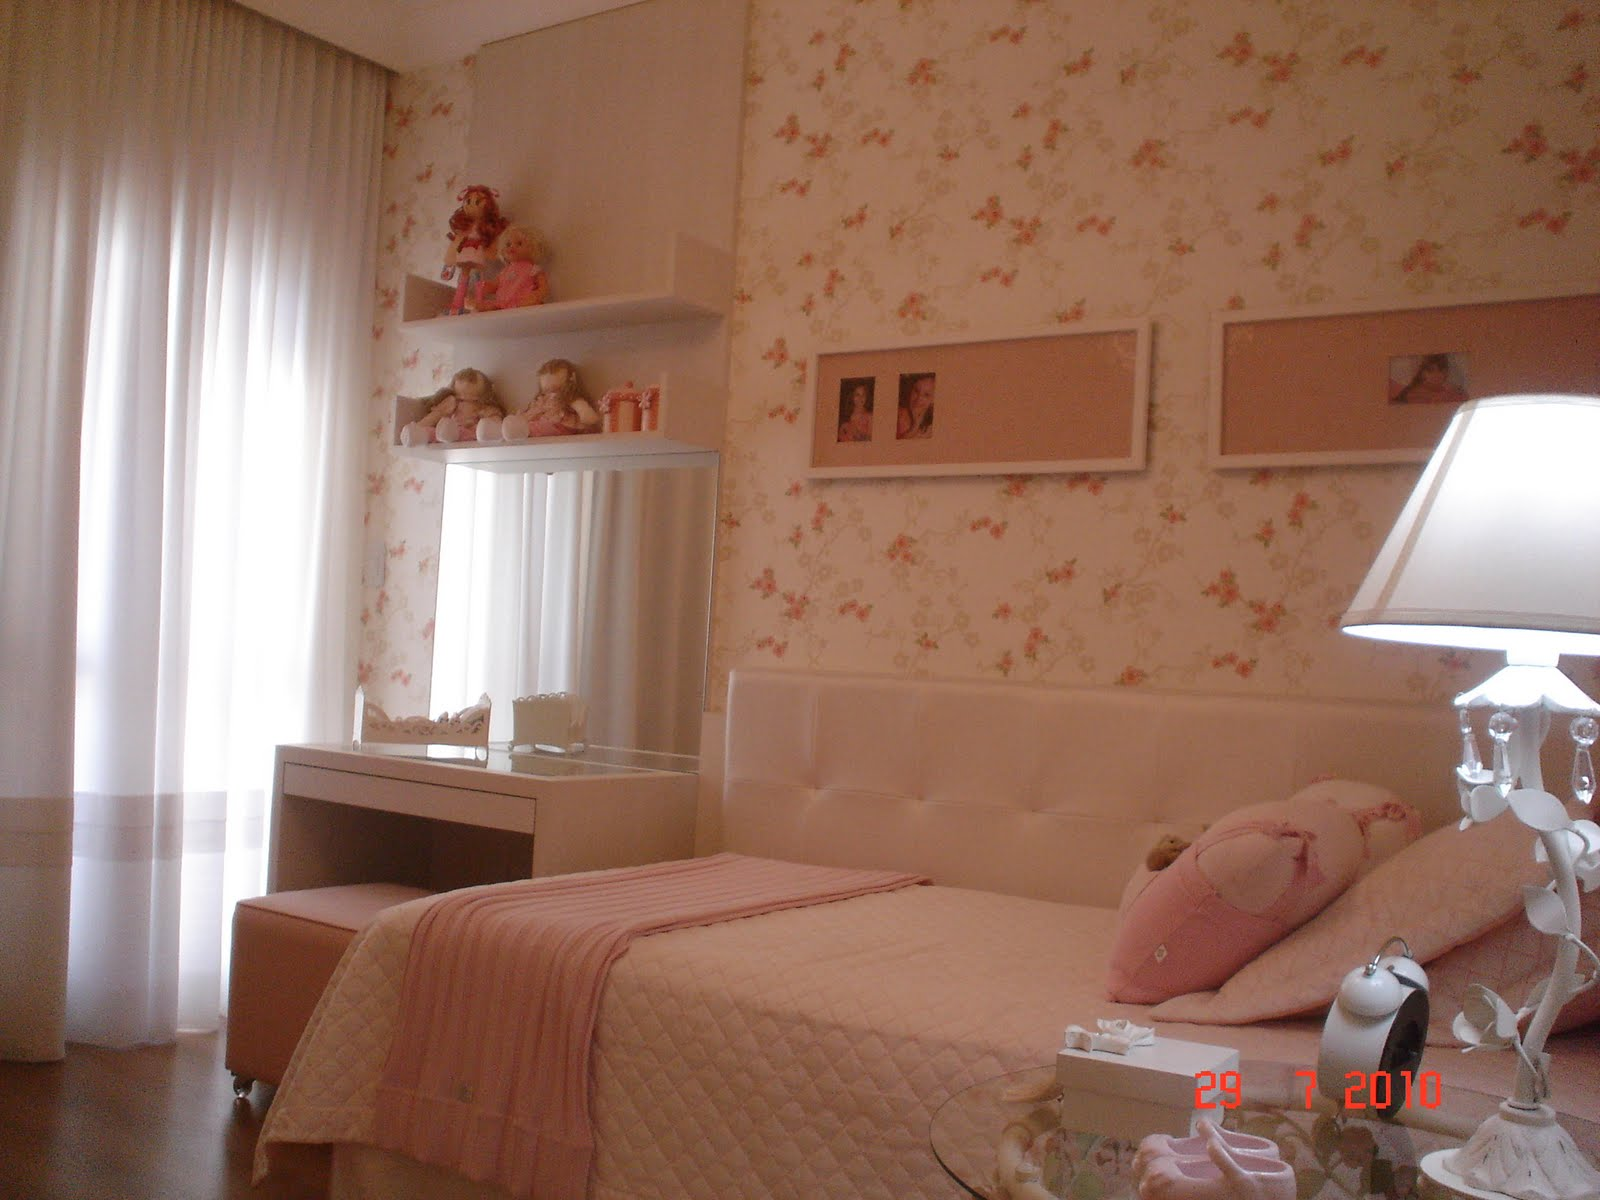 ambiente é todo revestido com papel de parede floral com tons de  #A93022 1600x1200